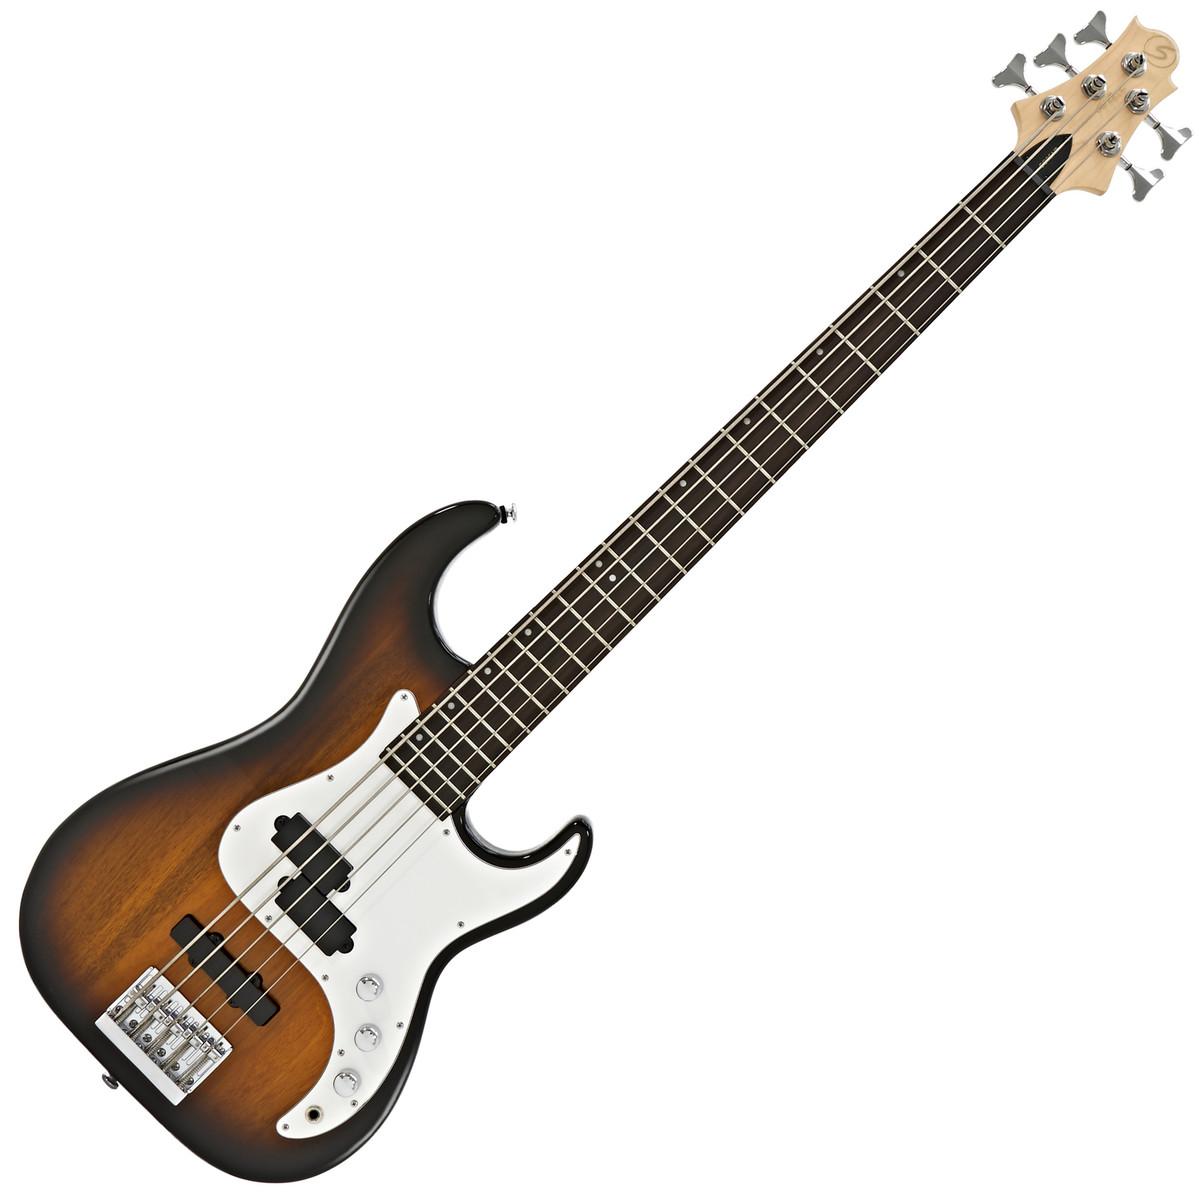 Image of Greg Bennett Corsair CR-15 5-String Bass Guitar Tobacco Sunburst